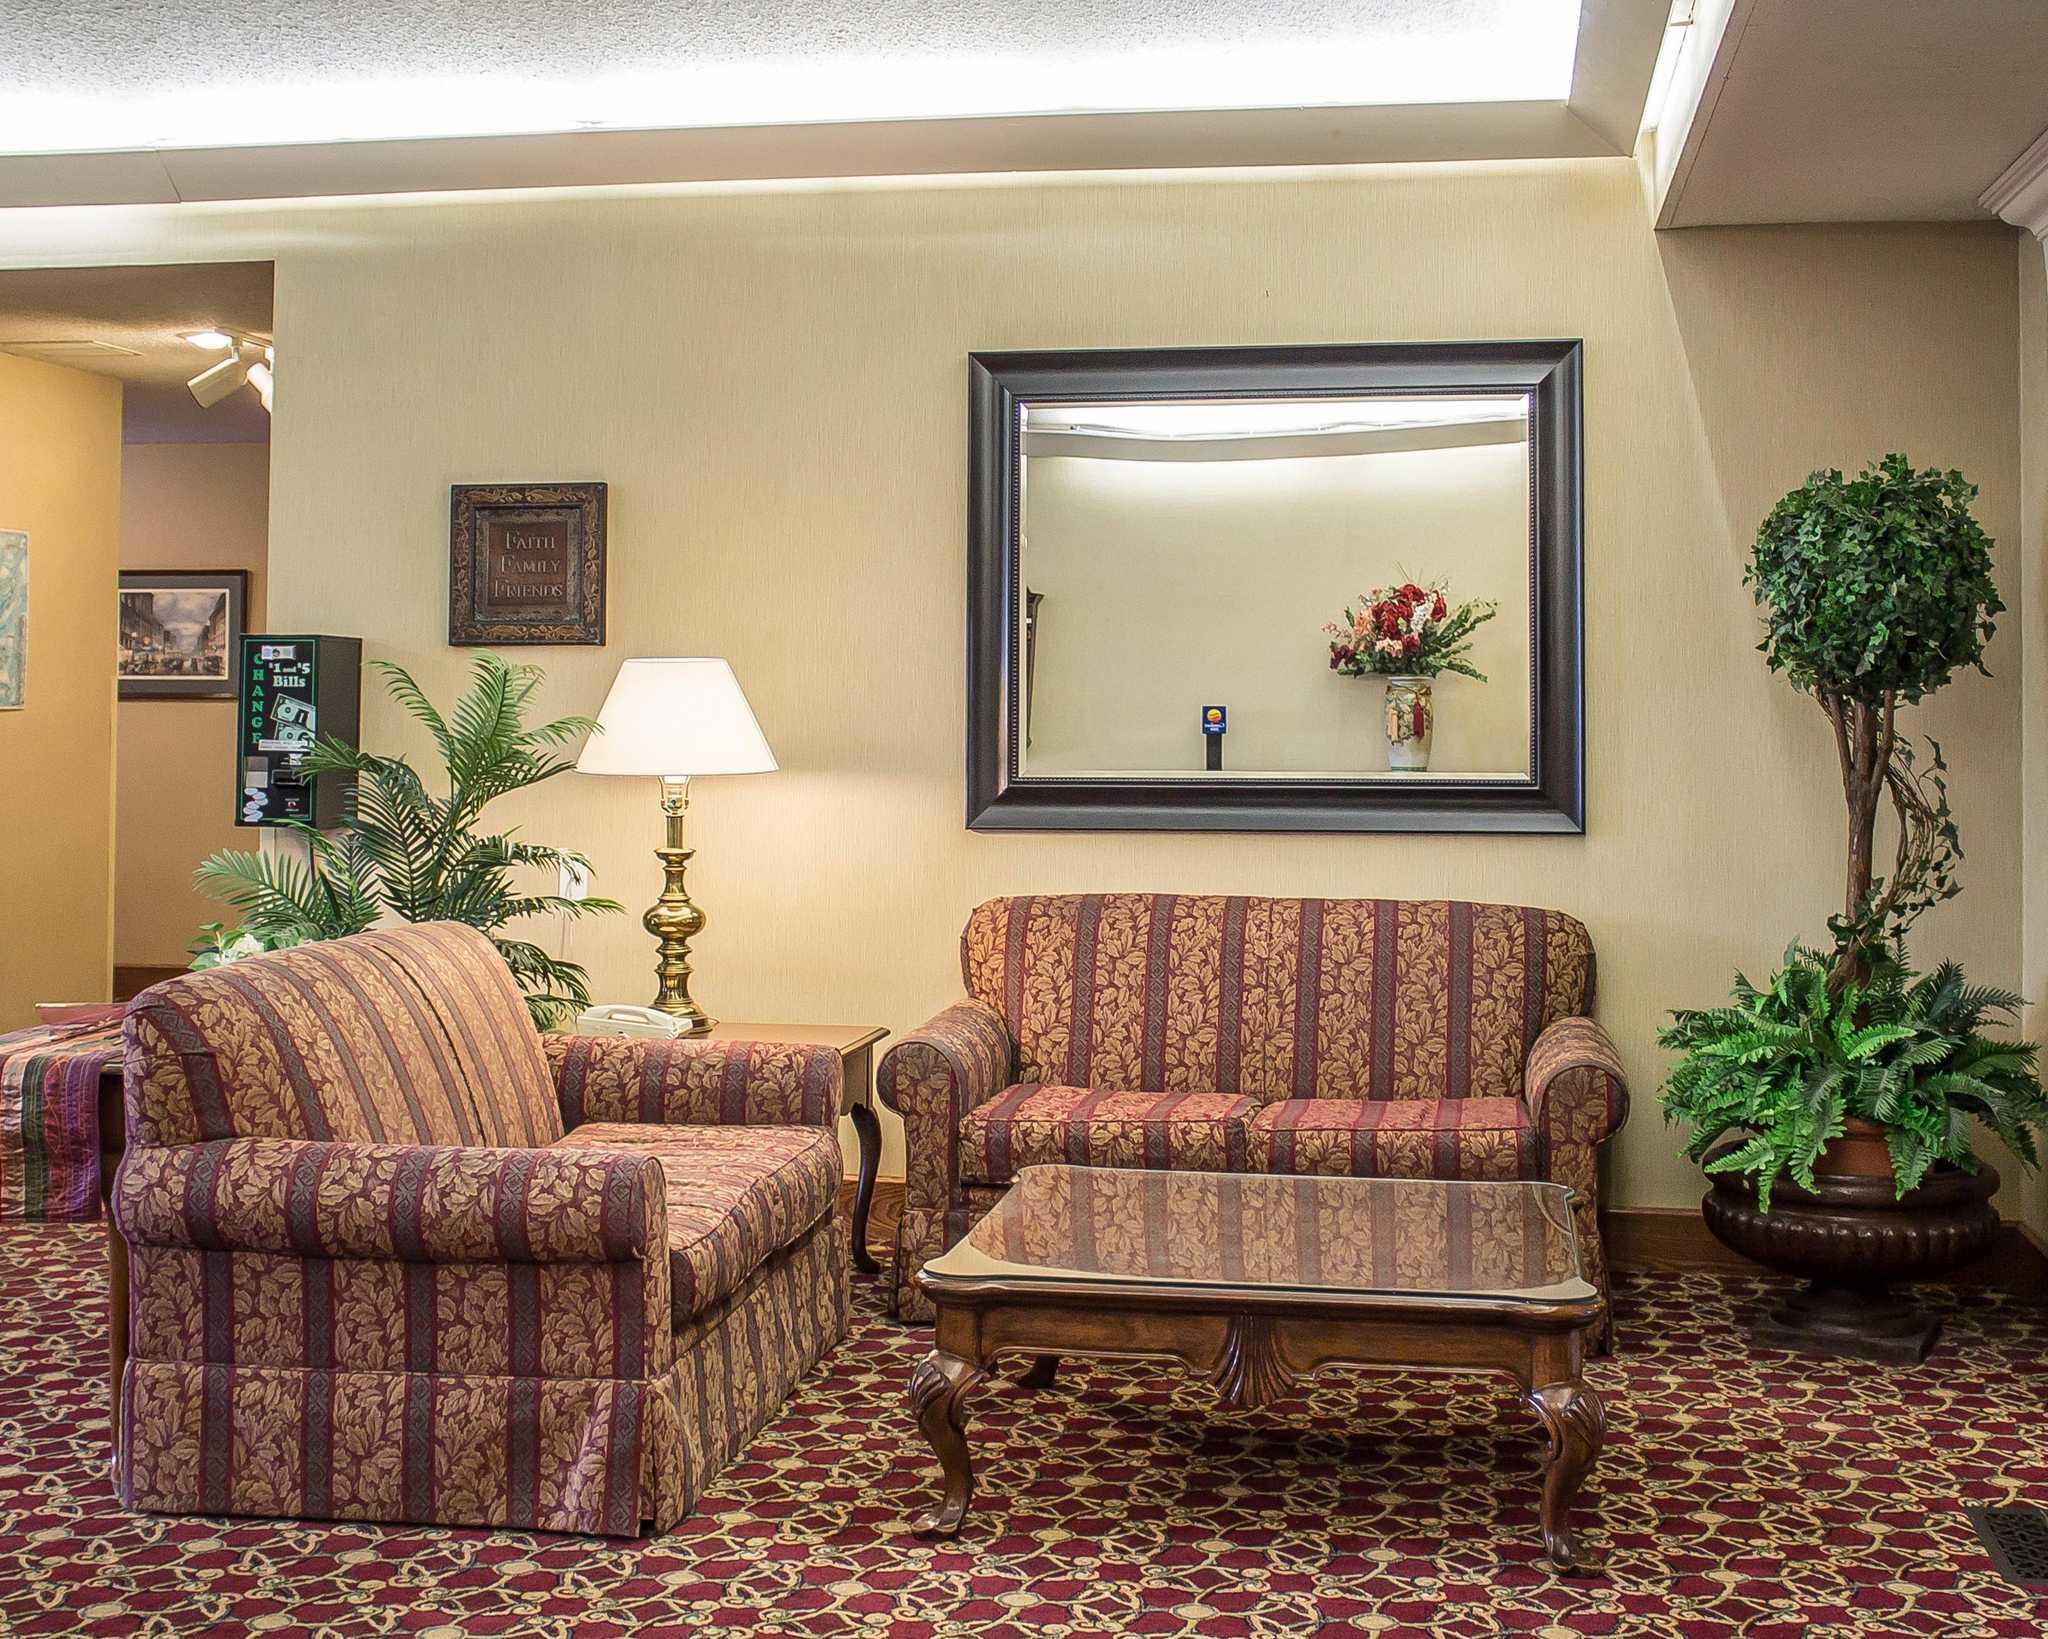 Comfort Inn Splash Harbor image 23